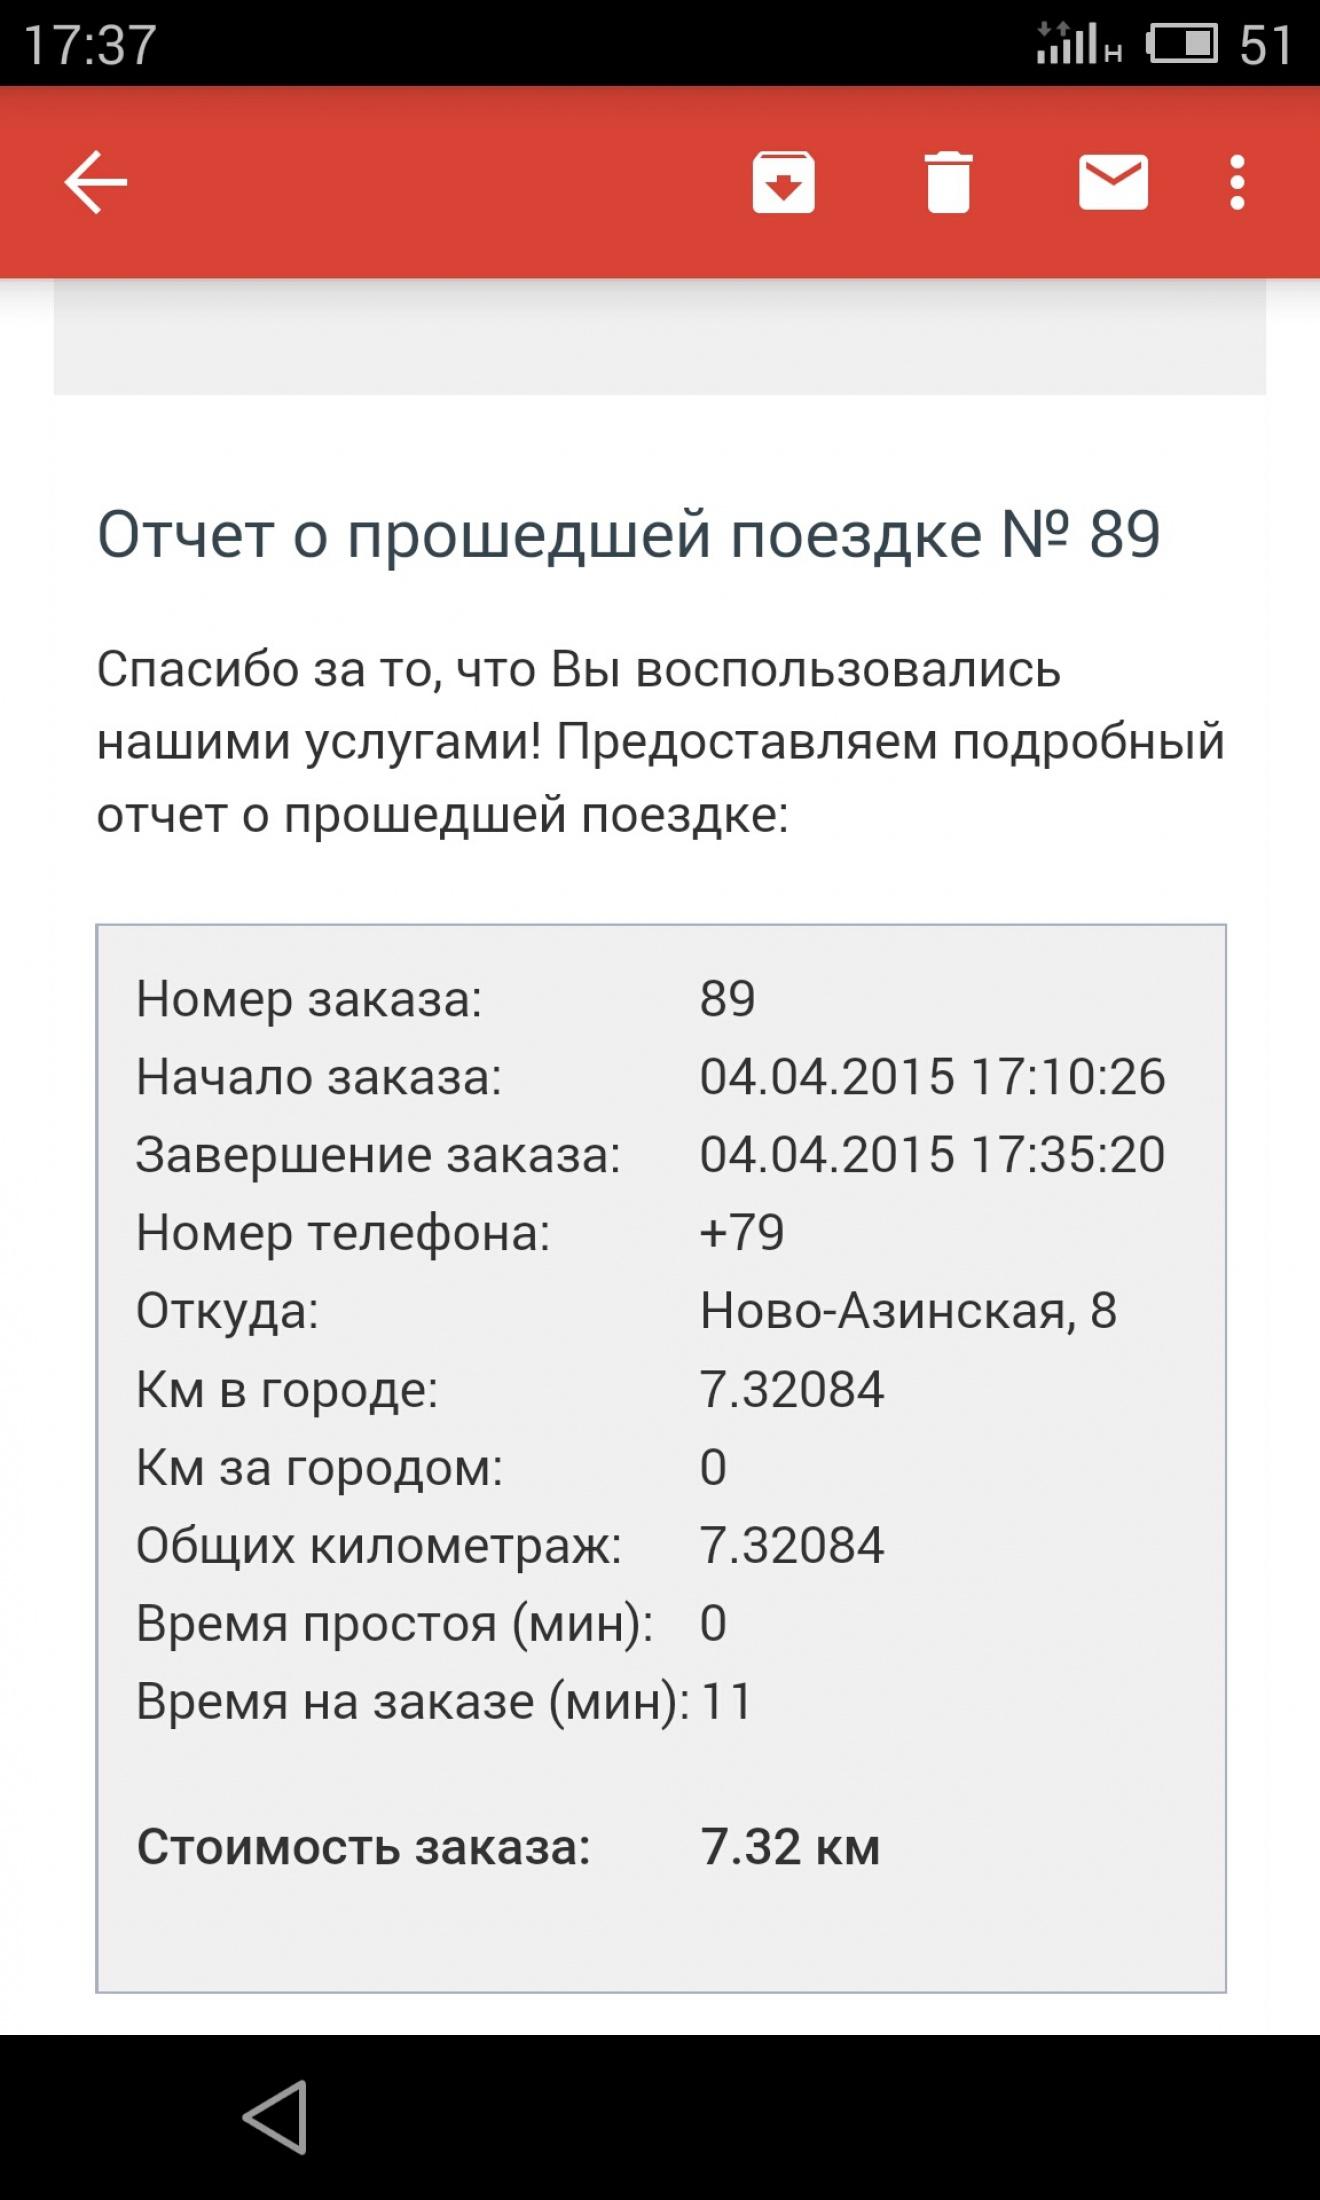 Отчёт (310.93КБ)